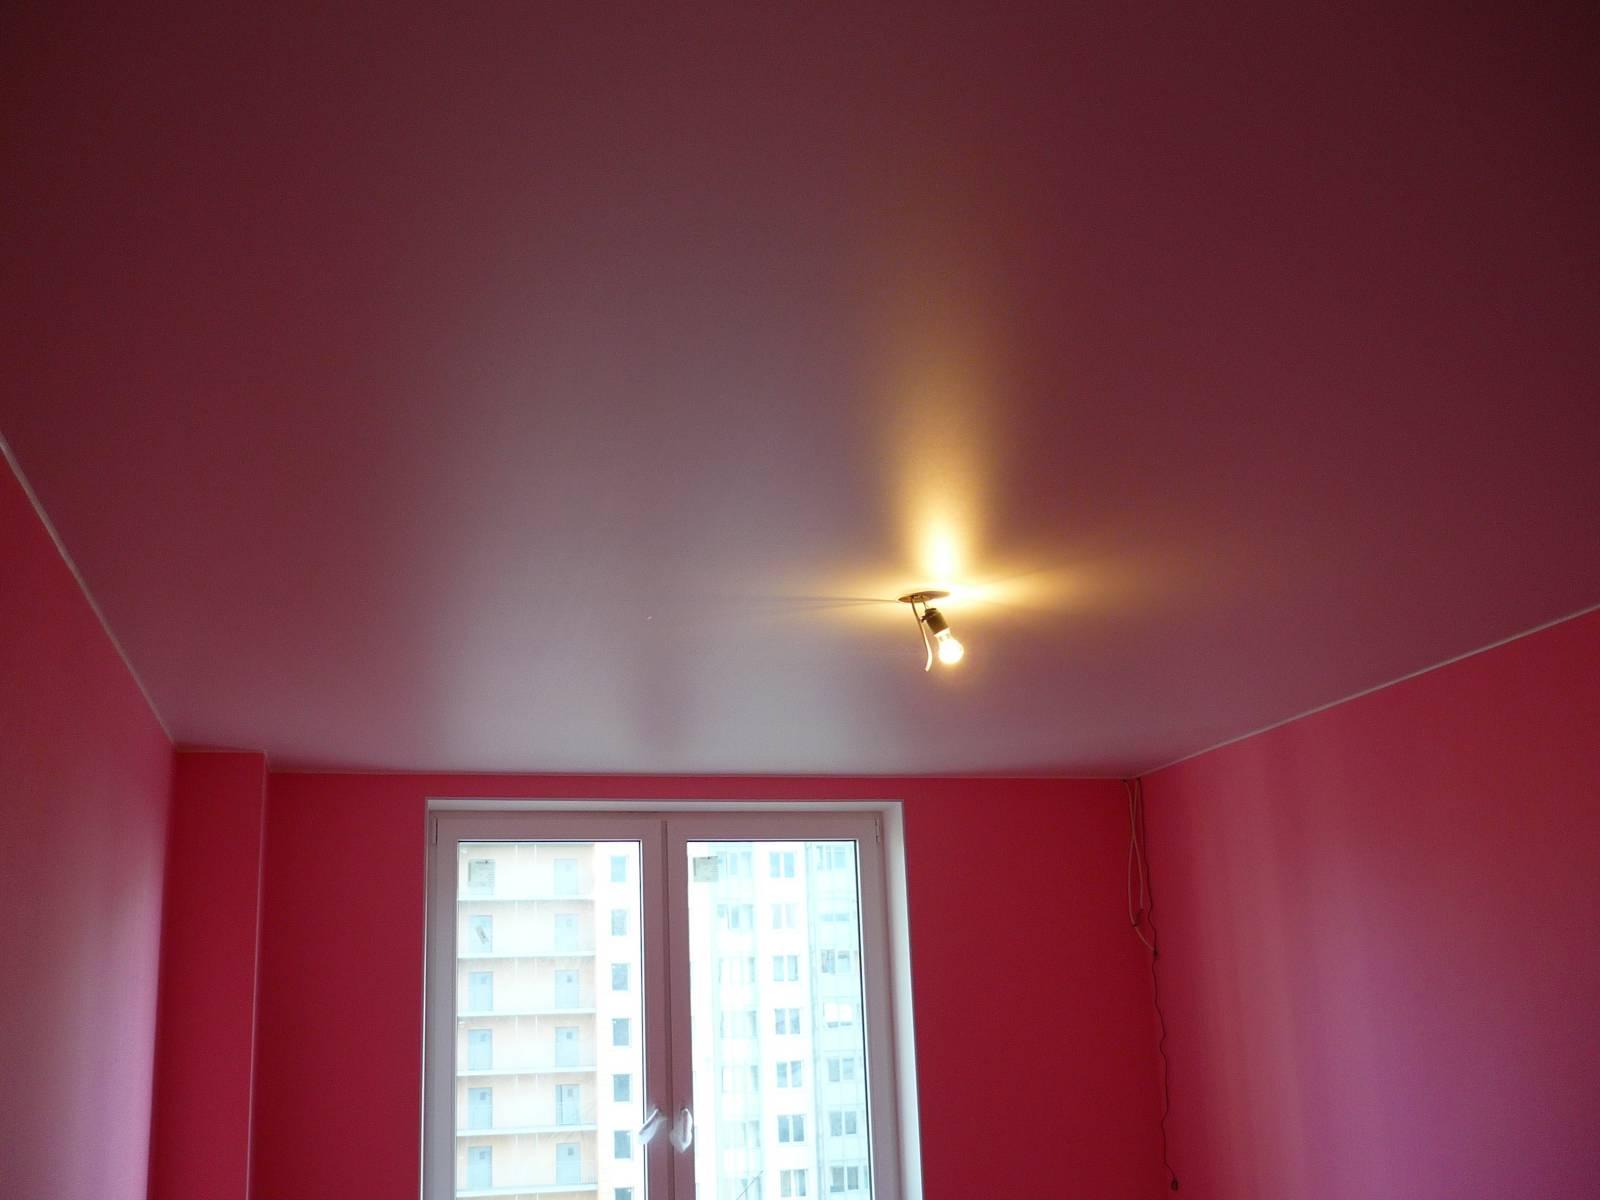 роста натяжной сатиновый потолок ульяновск фото атамана дремова